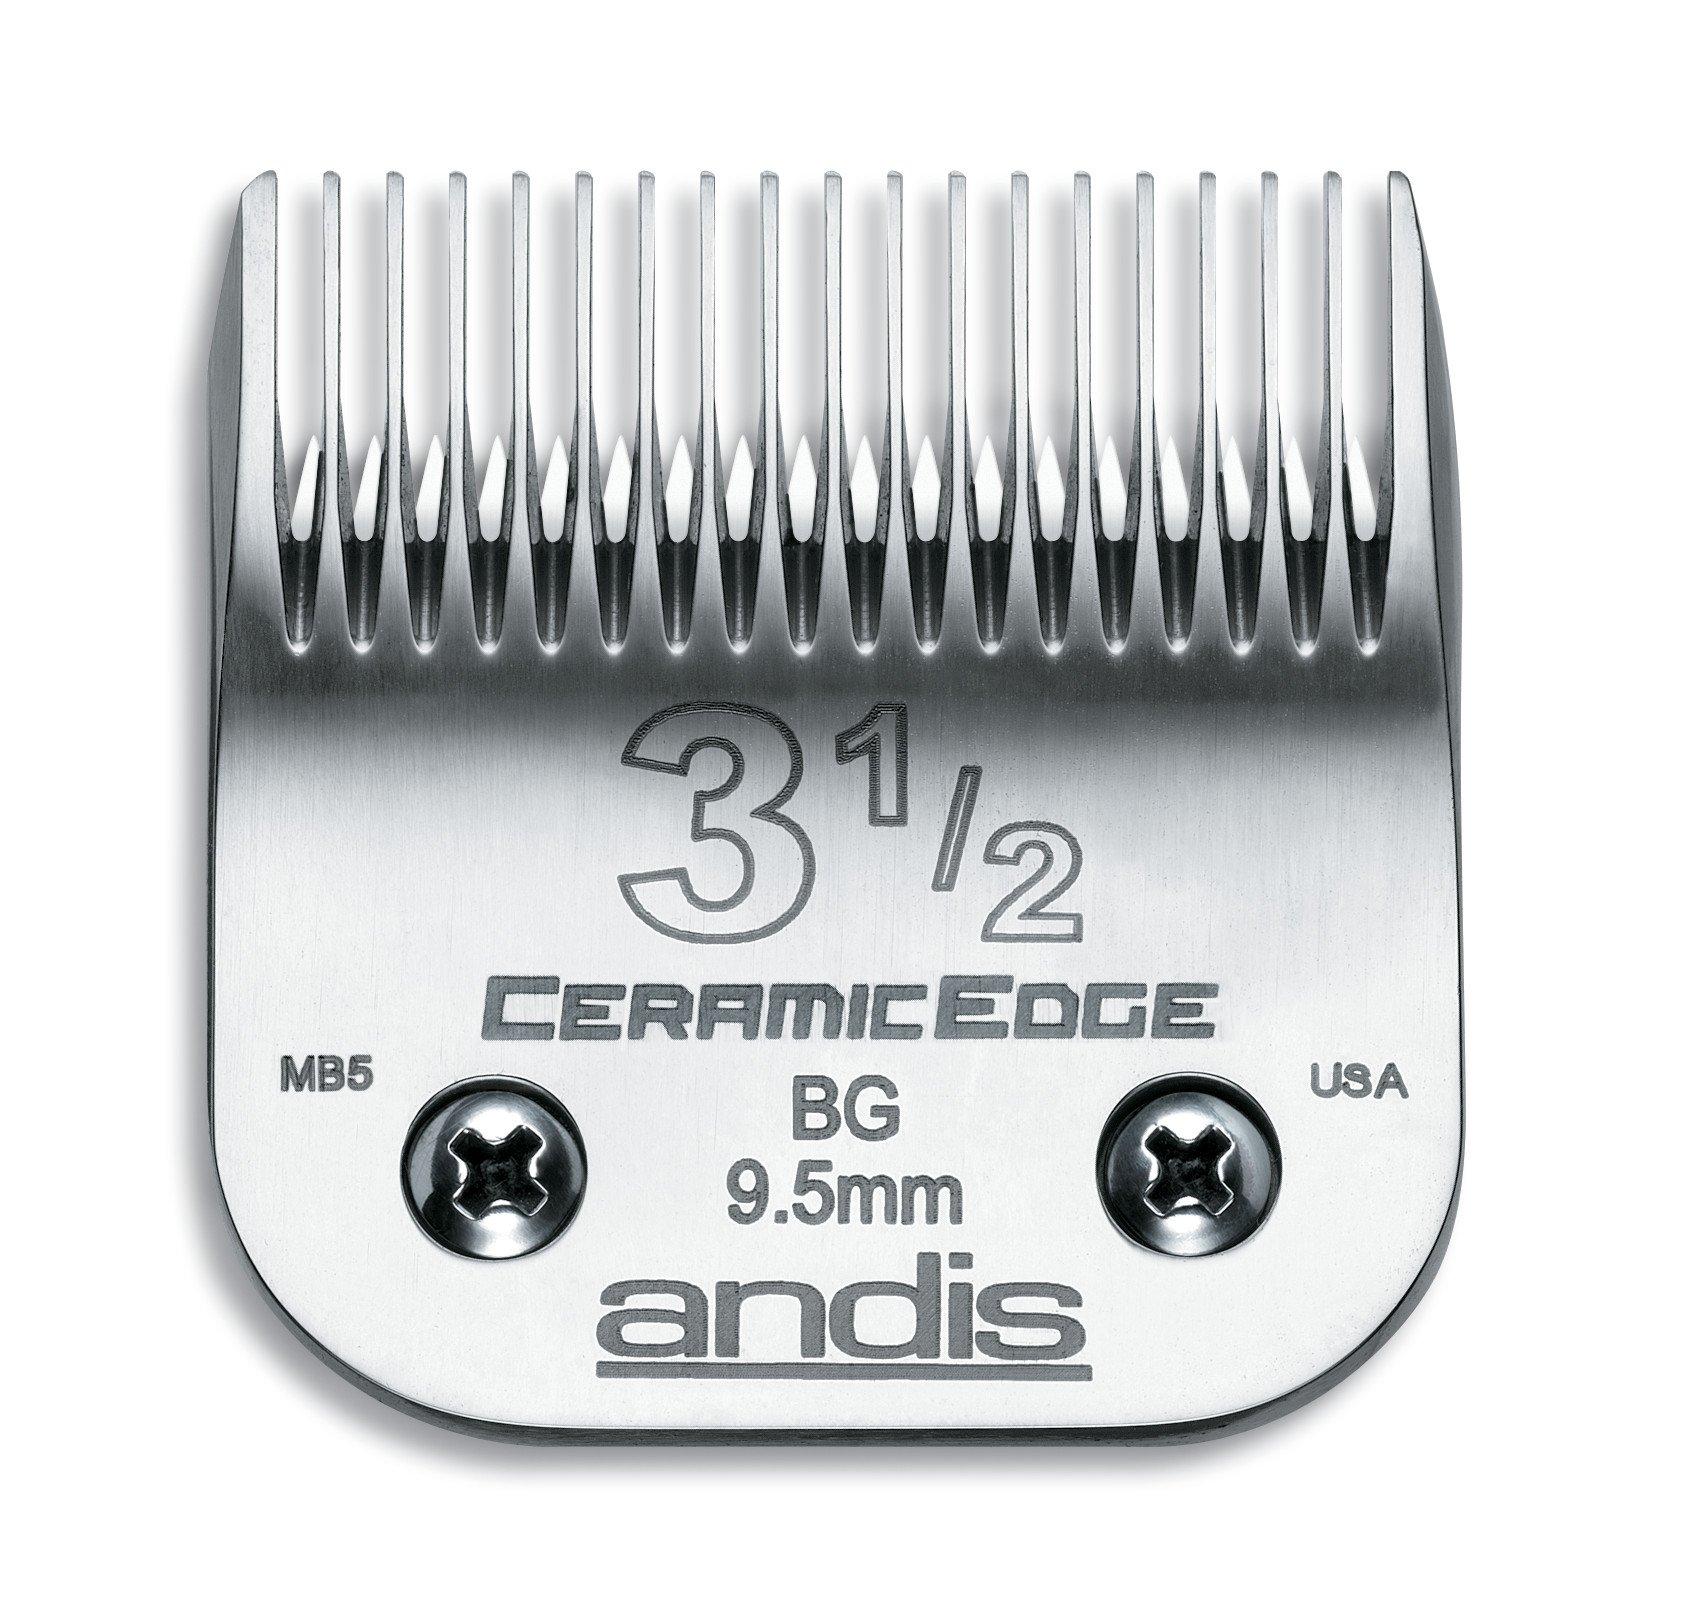 Cuchillas : Andis 3 1/2 Ceramic Edge 63040 Reemplazo